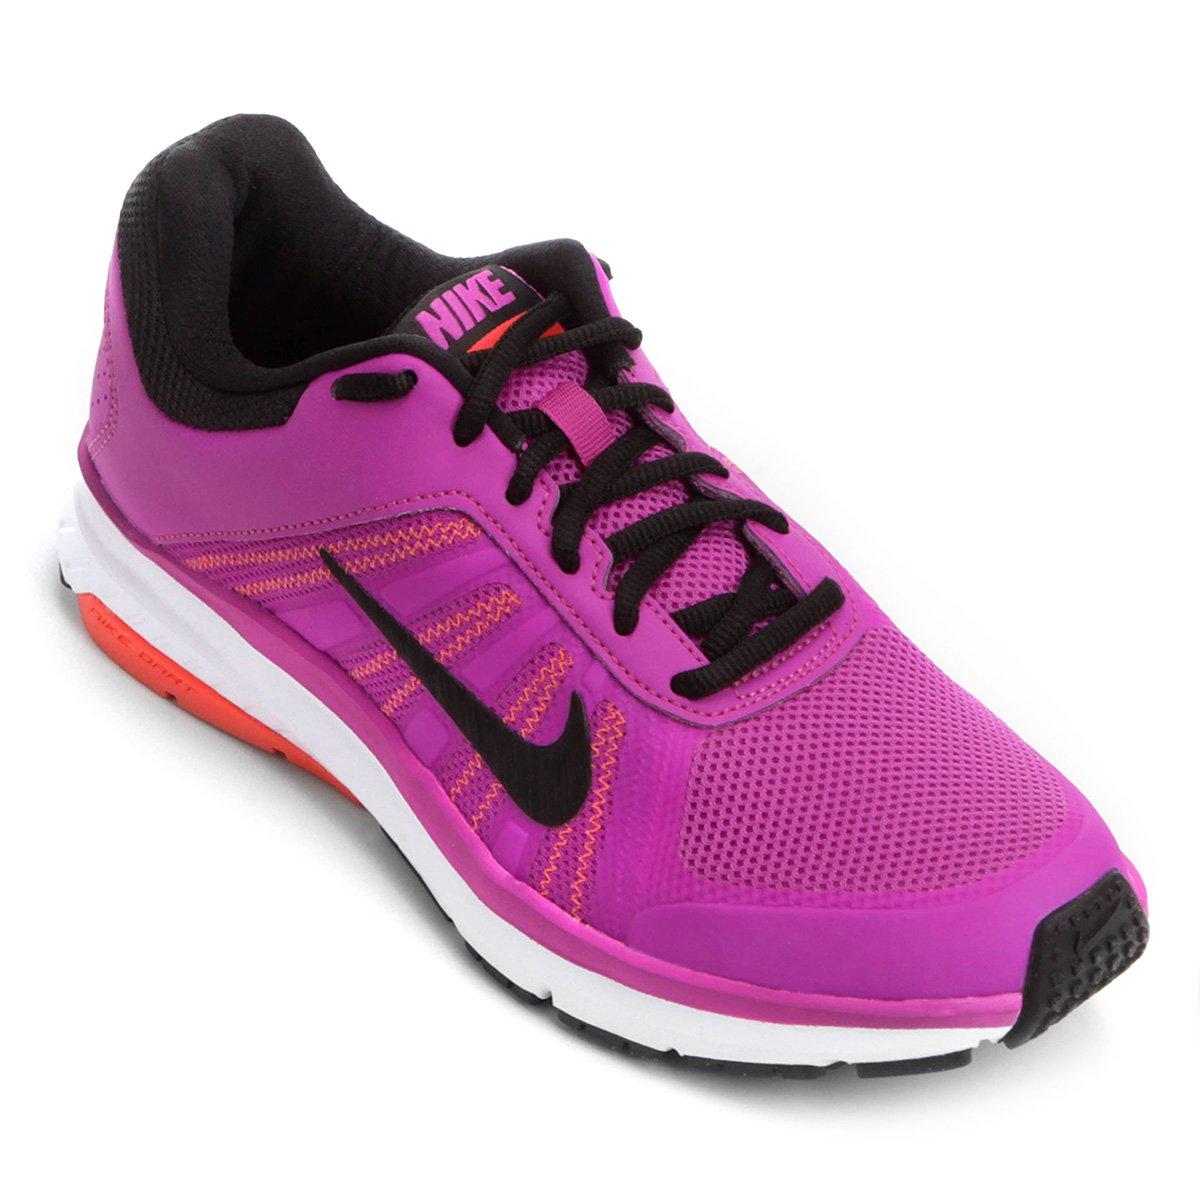 2b296b9b0e7 Tênis Nike Dart 12 MSL Feminino - Violeta e Branco - Compre Agora ...